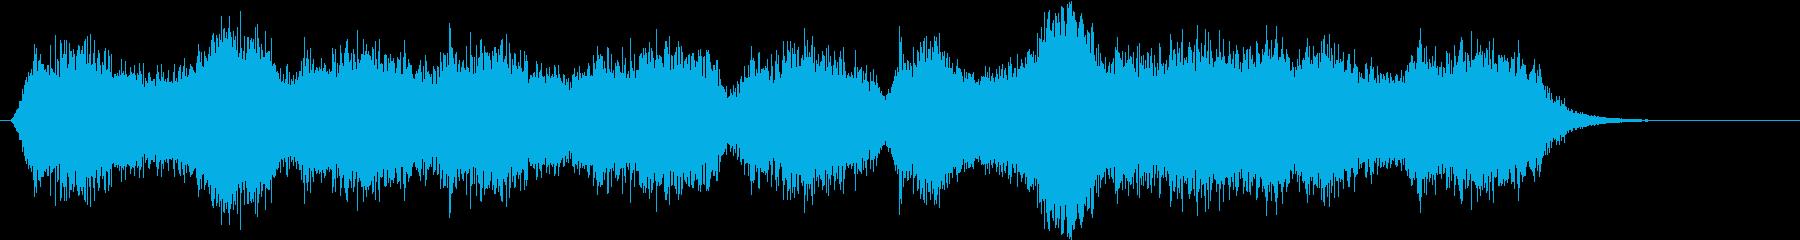 不気味な風の音がするBGMの再生済みの波形